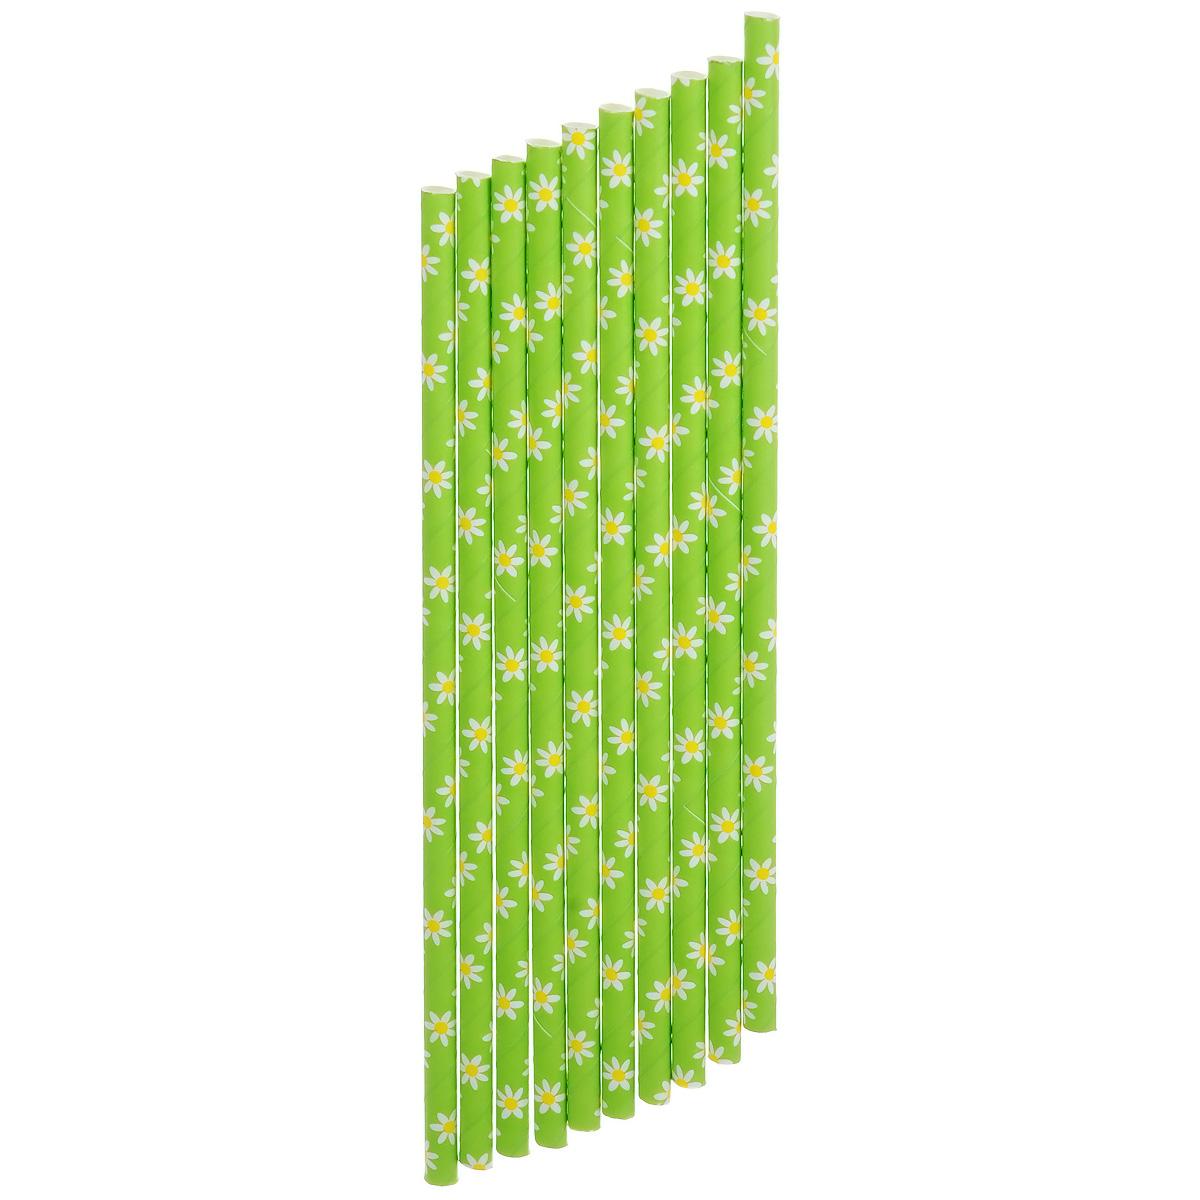 Набор бумажных трубочек Dolce Arti Летняя радость, цвет: салатовый, 10 штDA040221Набор Dolce Arti Летняя радость состоит из 10 бумажных трубочек, предназначенных для напитков. Цветные трубочки станут не только эффектным украшением коктейлей, но и ярким штрихом вашего сладкого стола. С набором Dolce Arti Летняя радость ваш праздник станет по-настоящему красочным!Длина трубочки: 19,5 см. Диаметр трубочки: 5 мм.